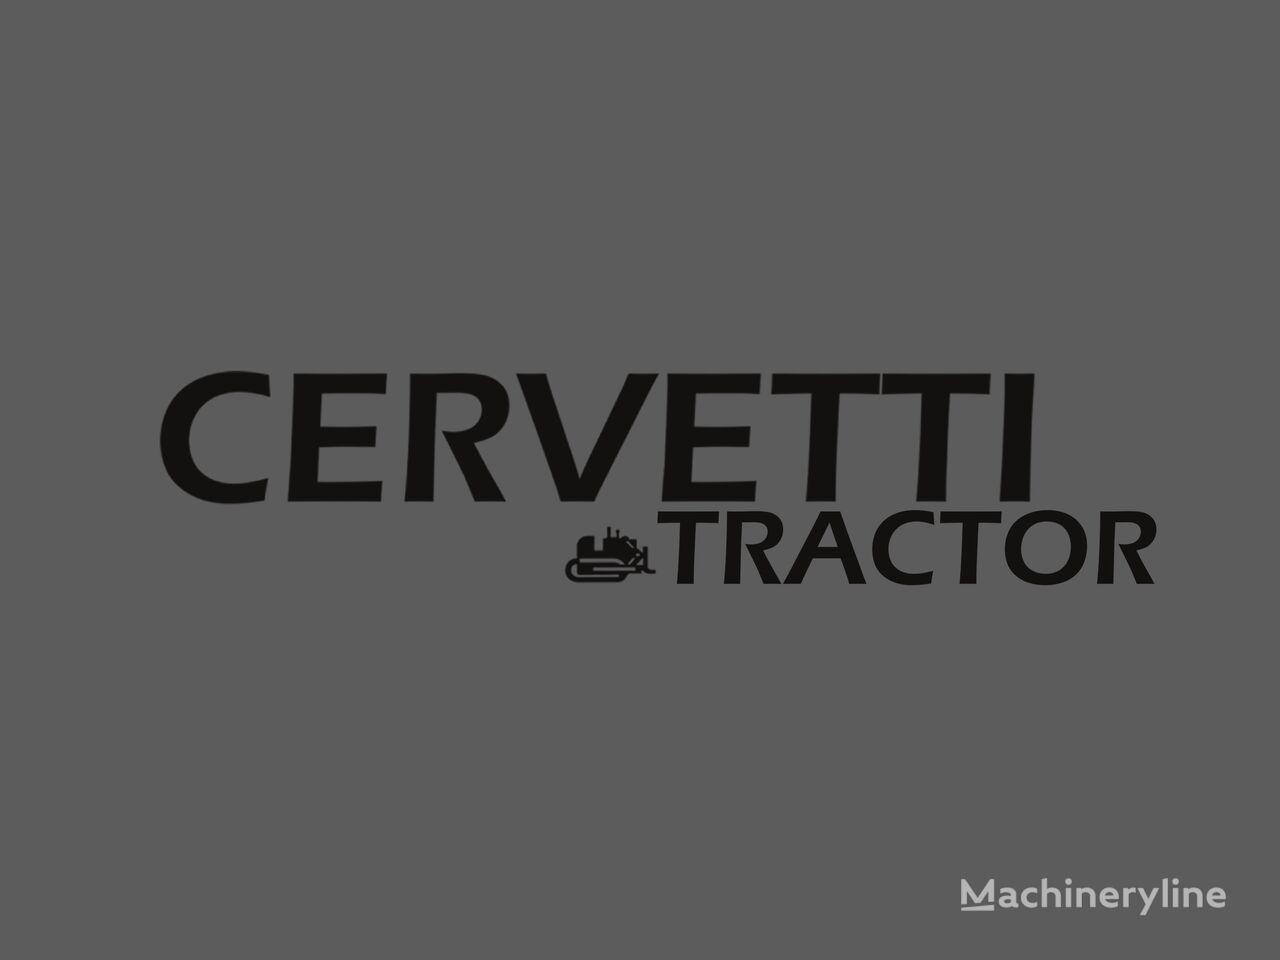 PUMP GP-PISTON -HYDRAULIC FAN hydraulic pump for CATERPILLAR 988F I 8YG00096 wheel loader